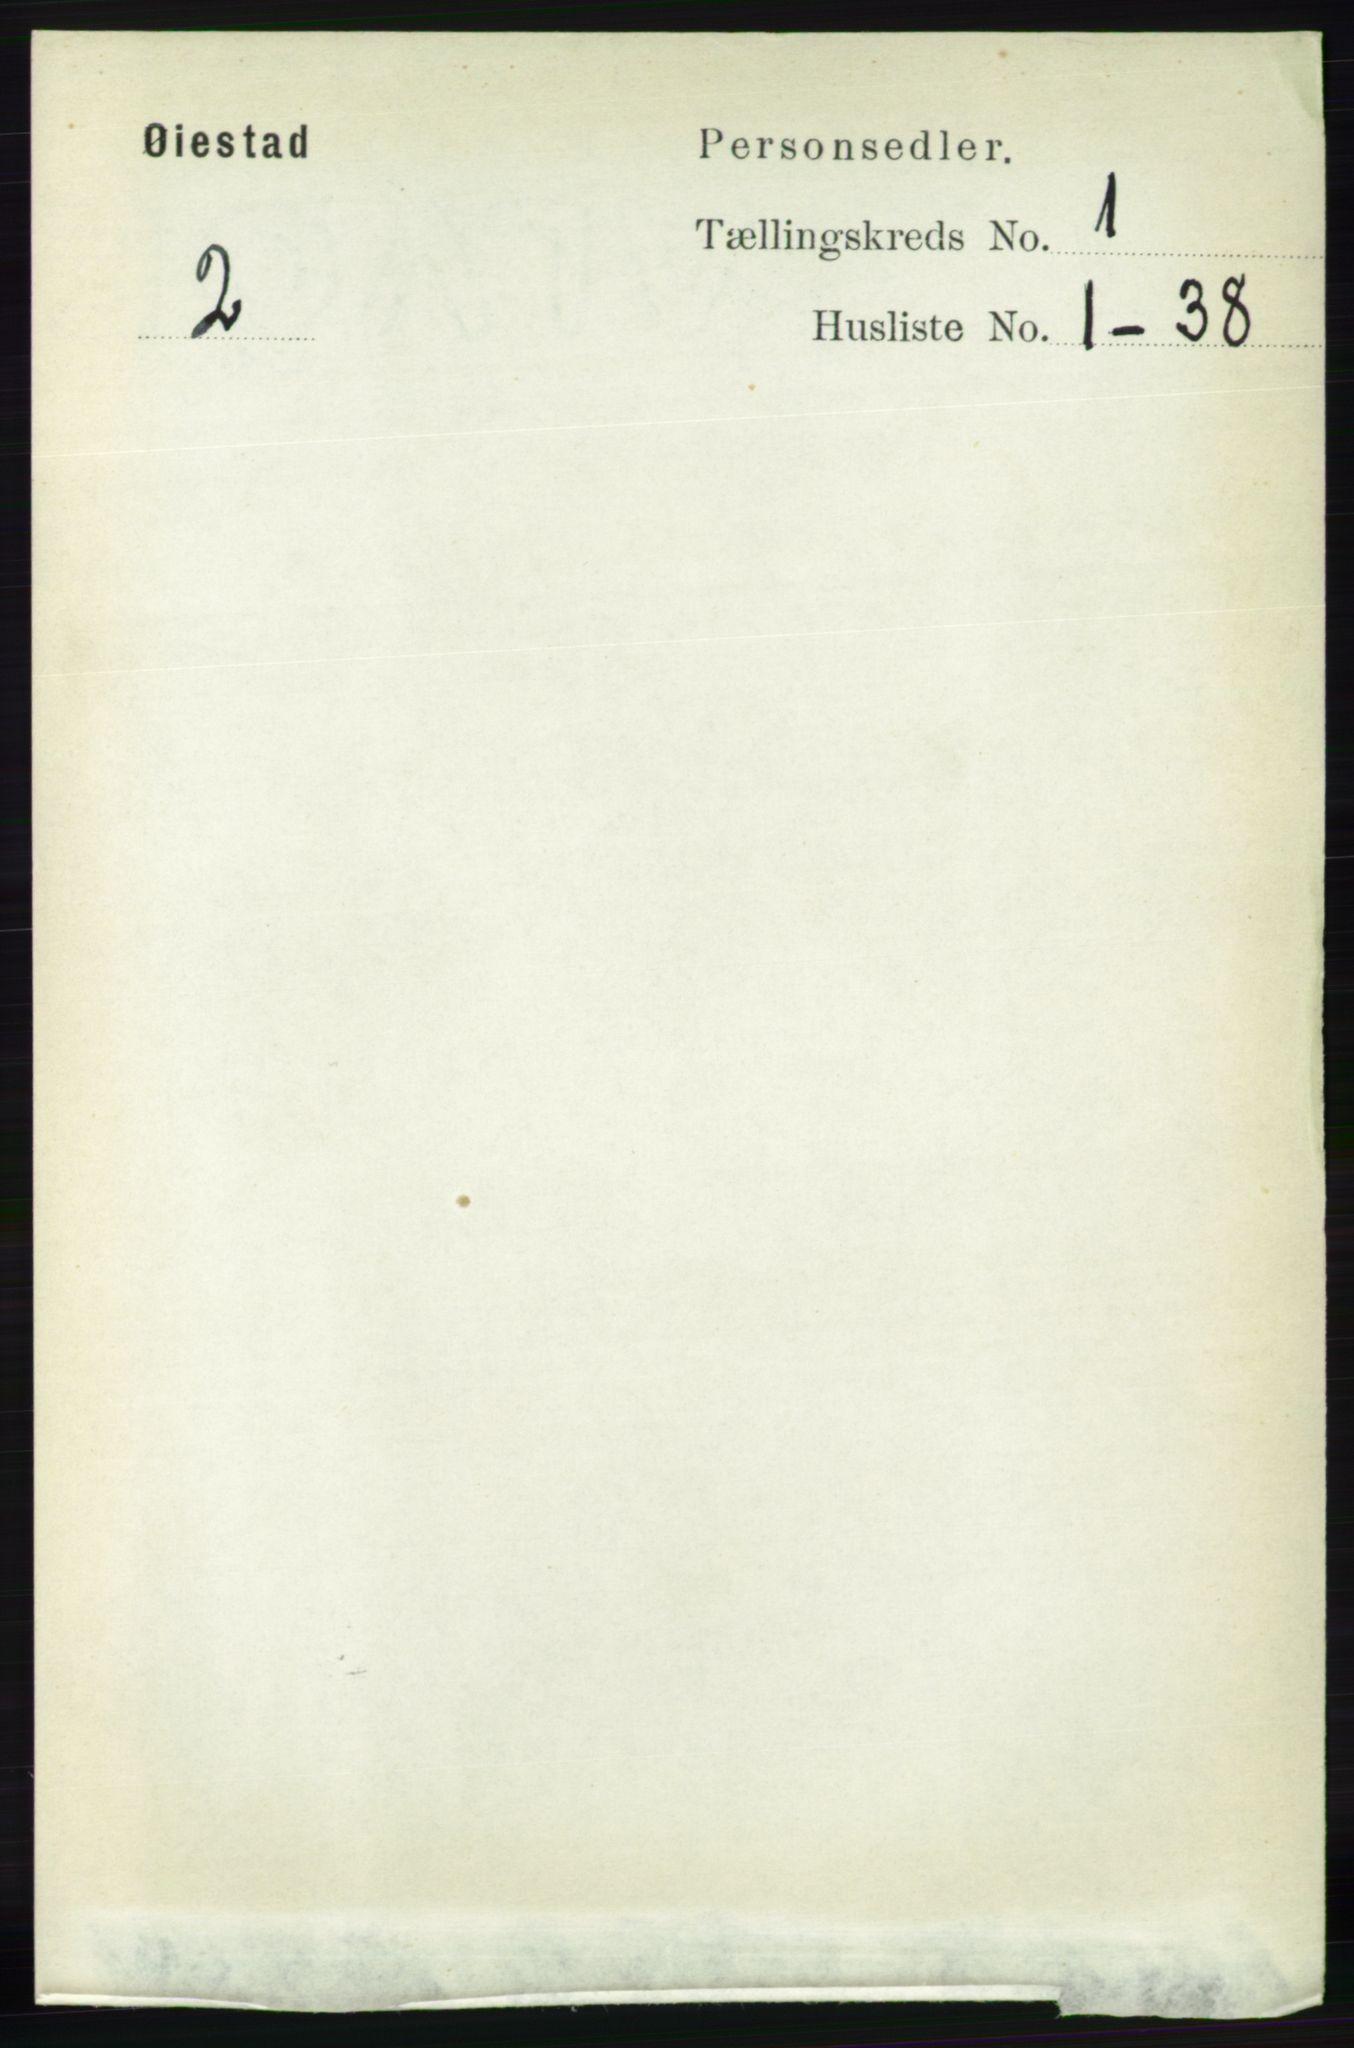 RA, Folketelling 1891 for 0920 Øyestad herred, 1891, s. 70